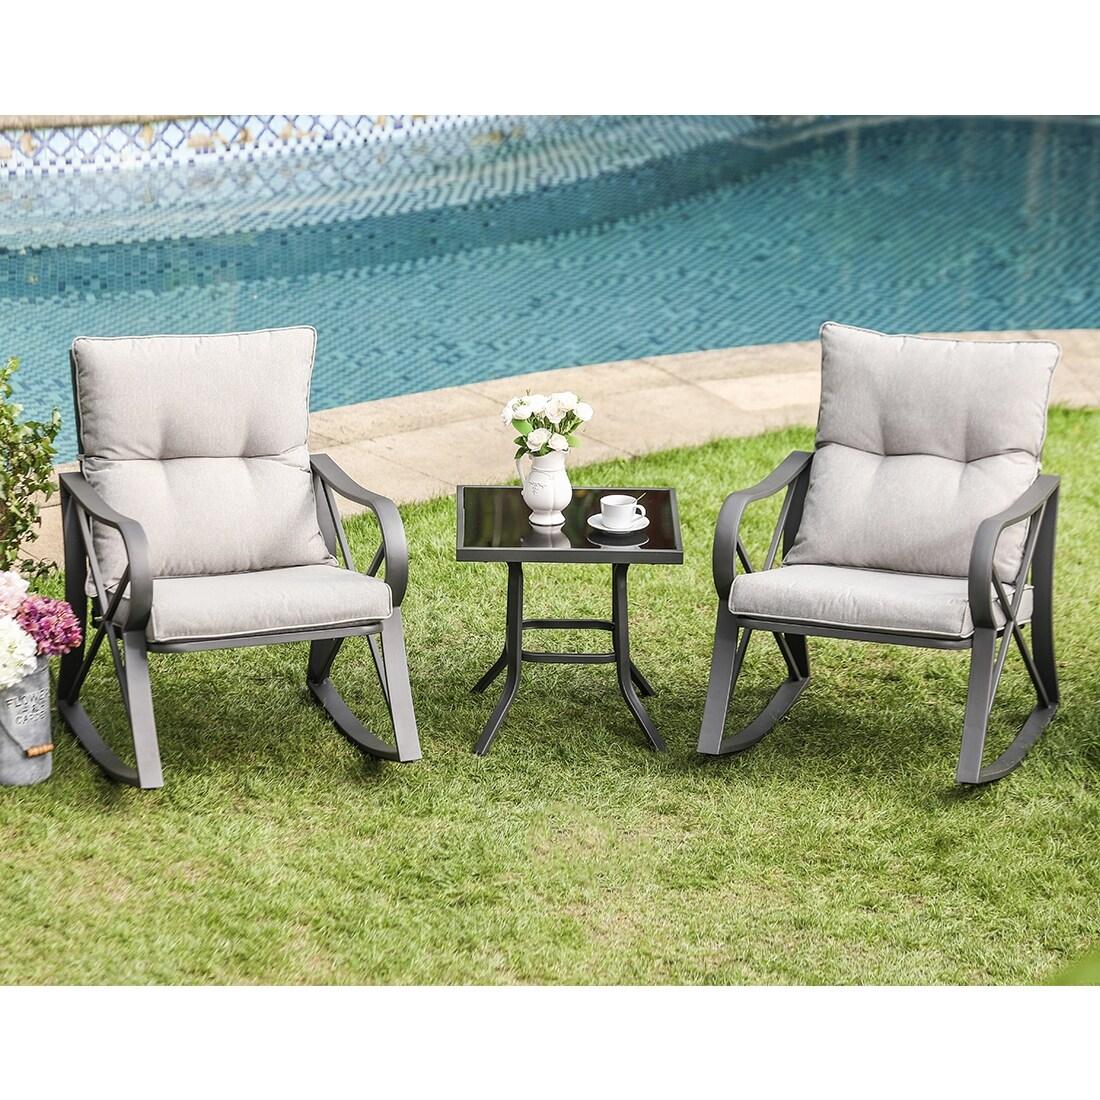 COSIEST Outdoor 10 piece Rocking Chair Bistro Set